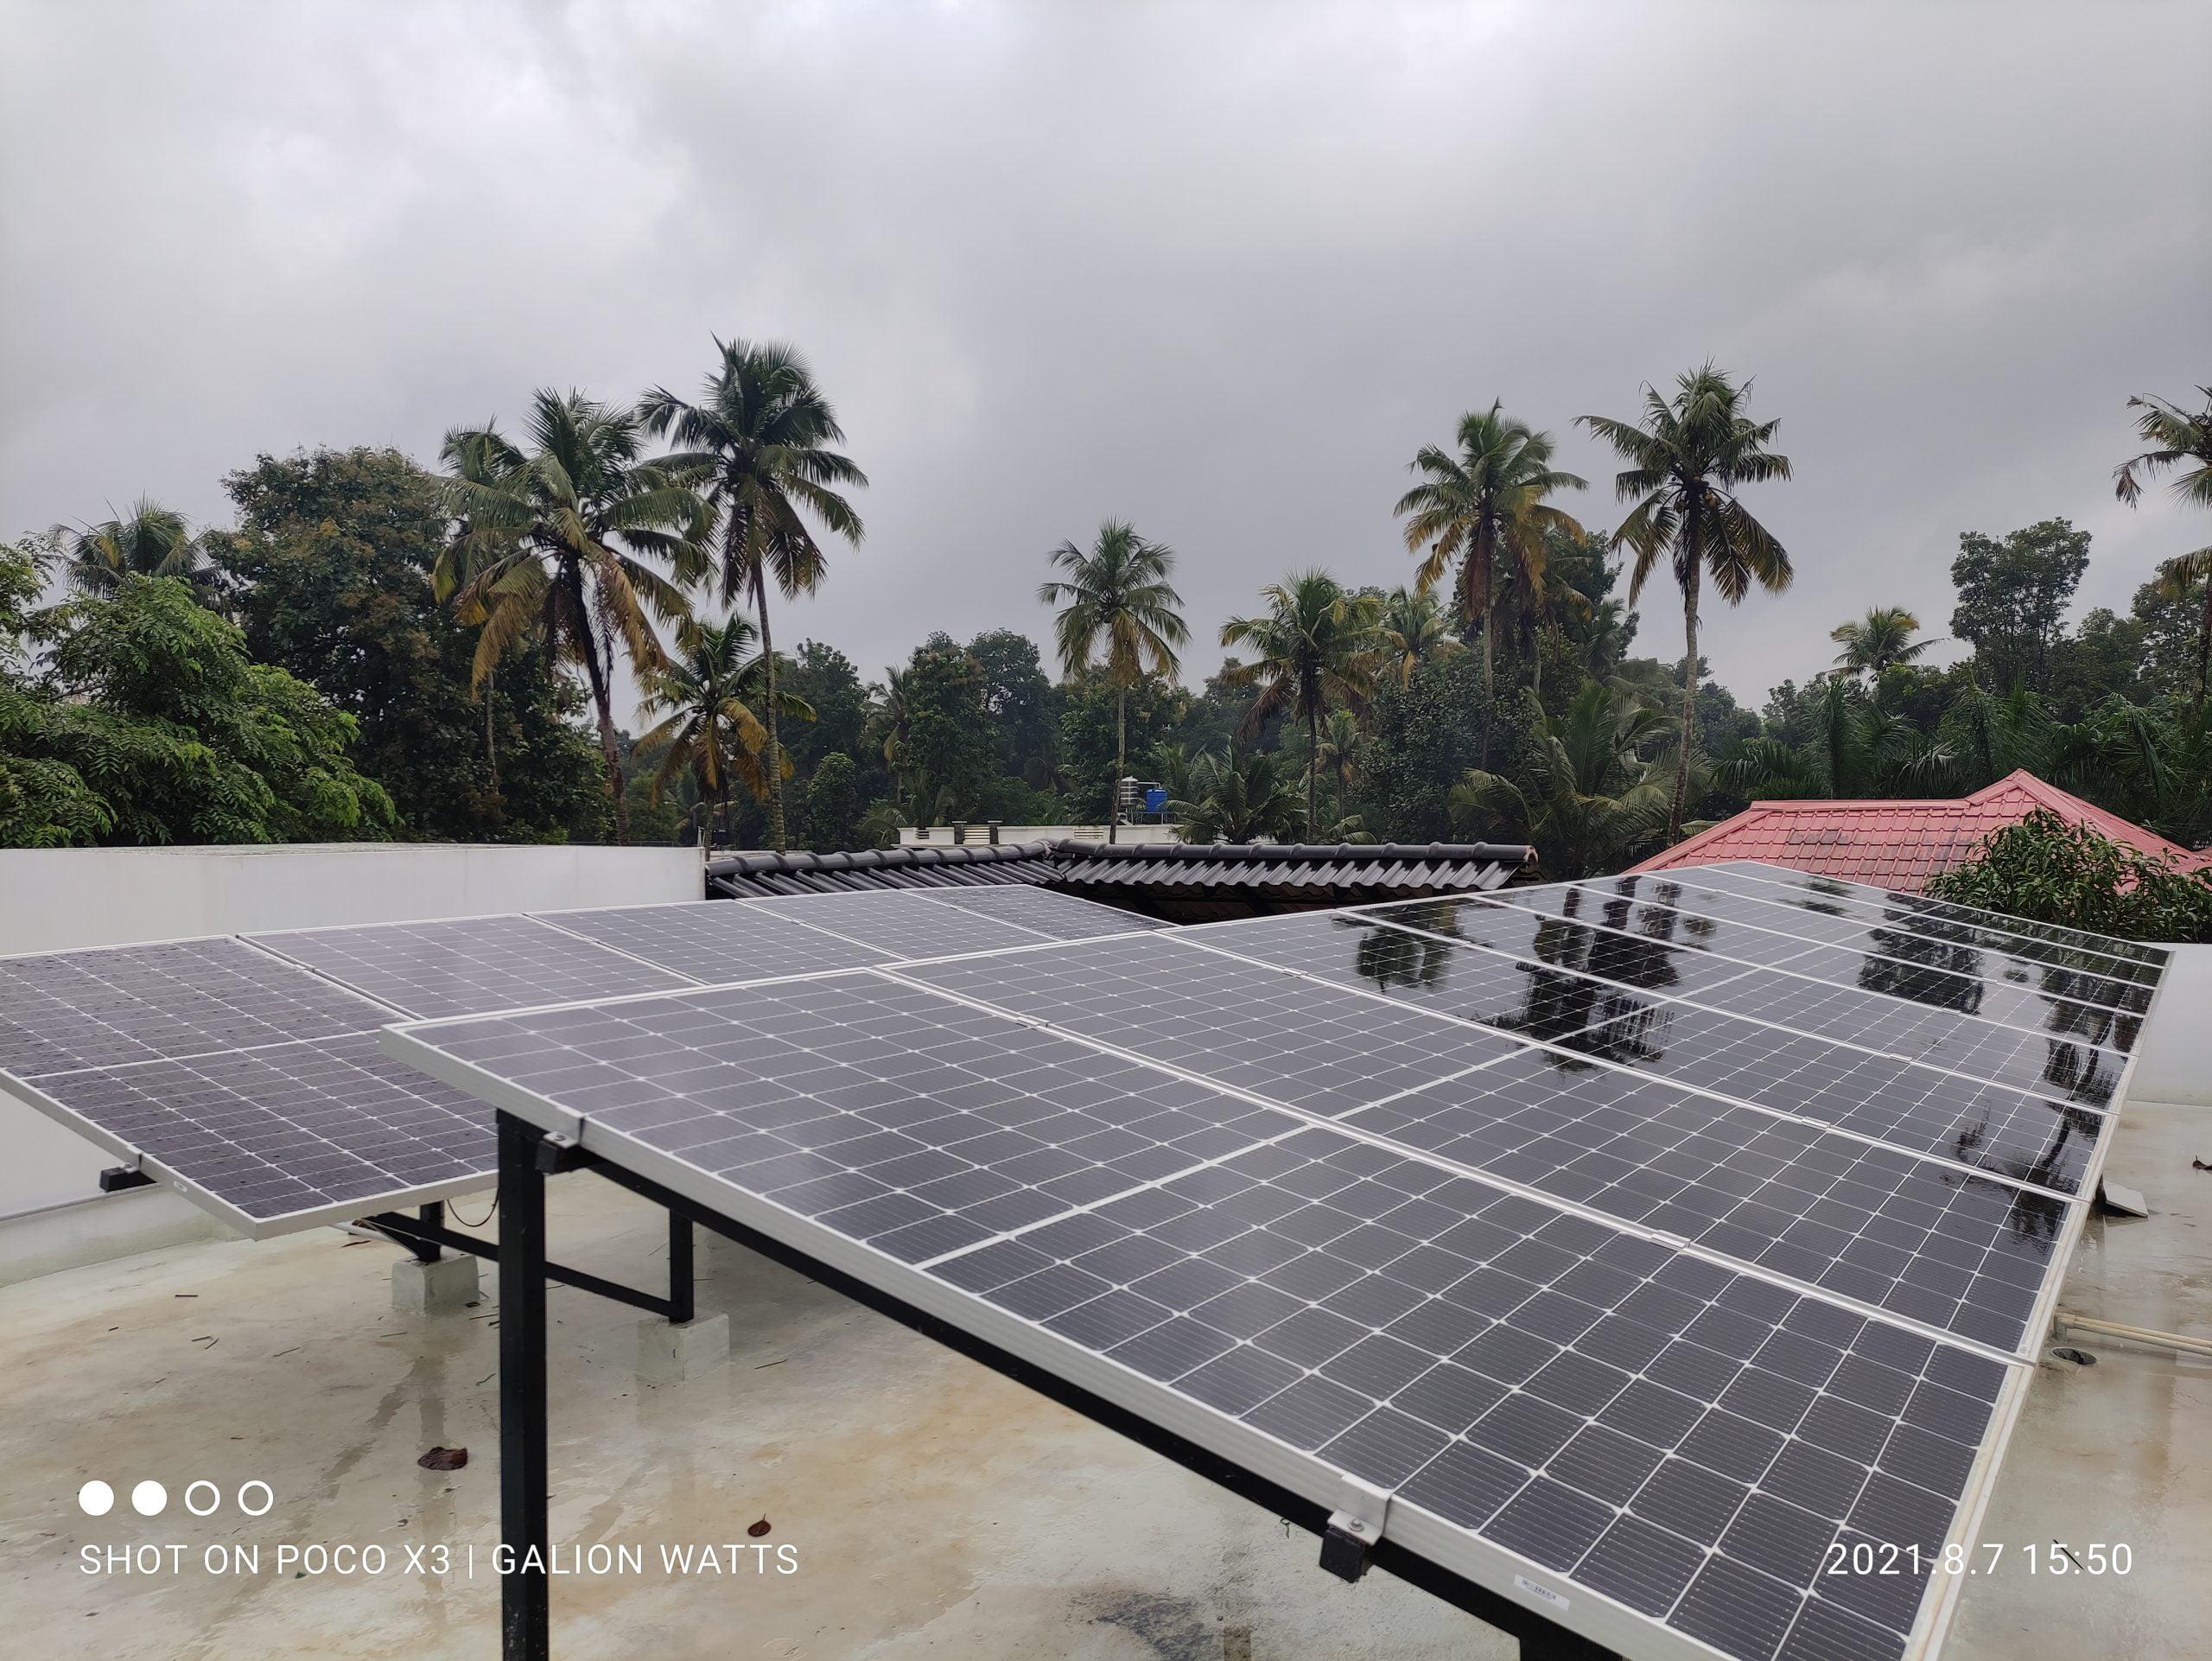 8kw solar panel at Kothamangalam (Thangalam) 2